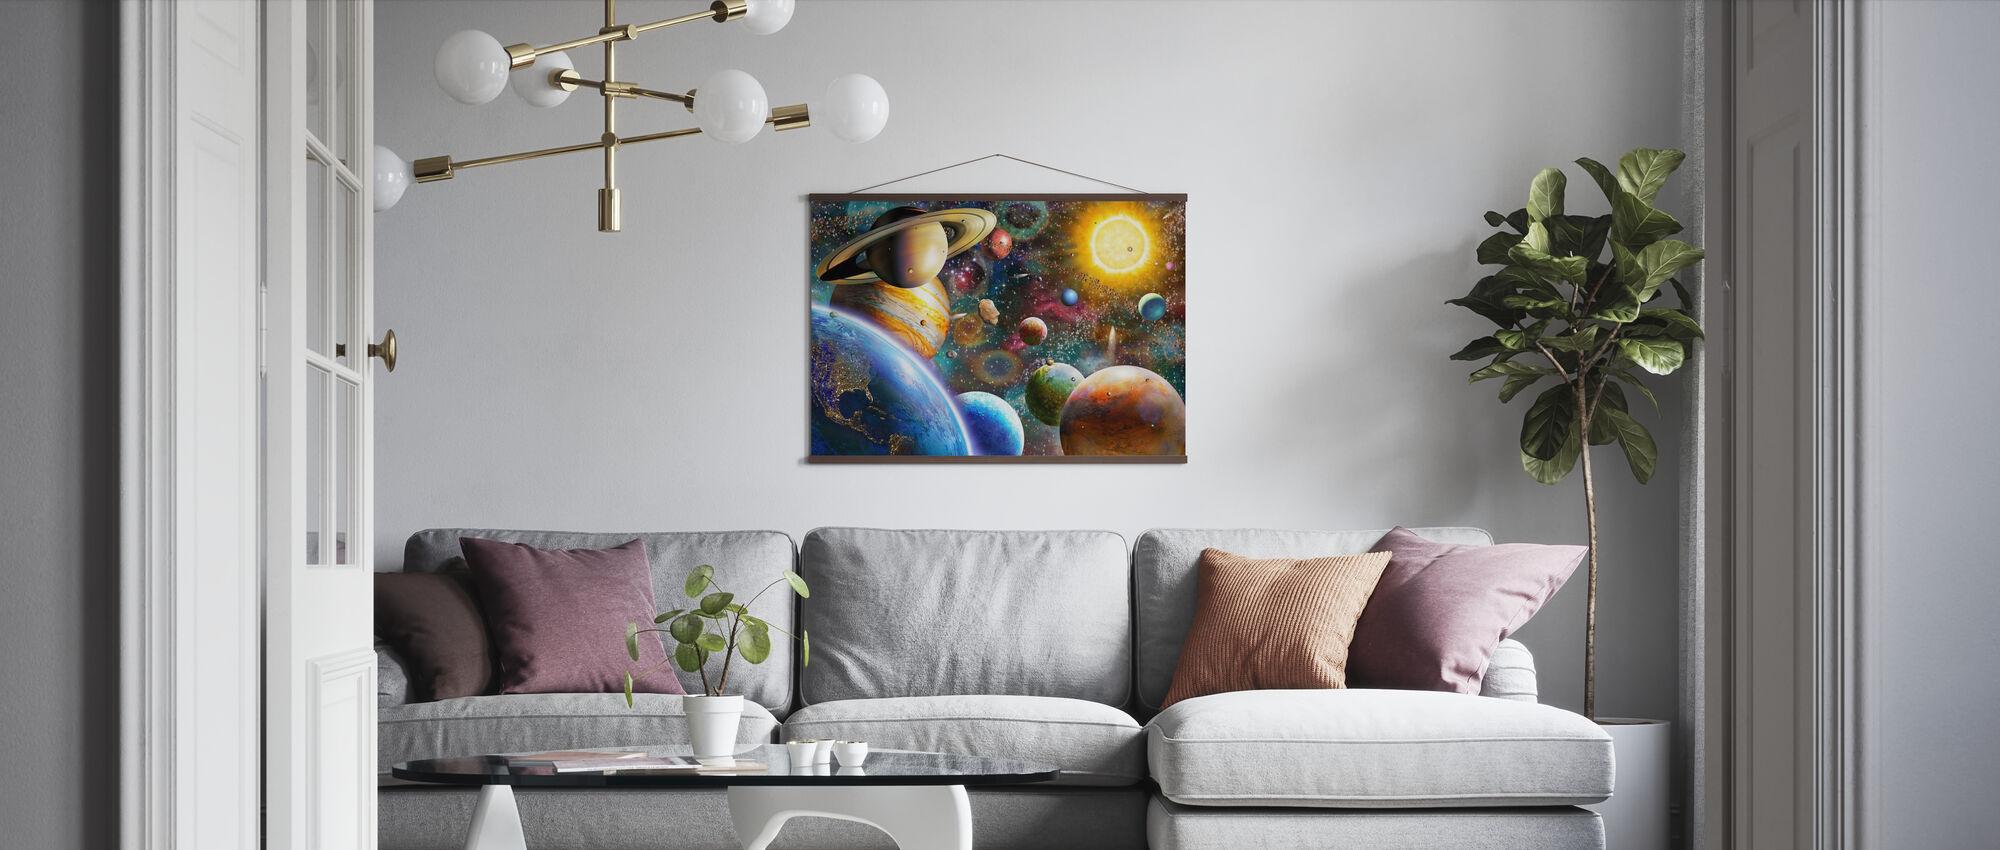 Planeetat avaruudessa - Juliste - Olohuone